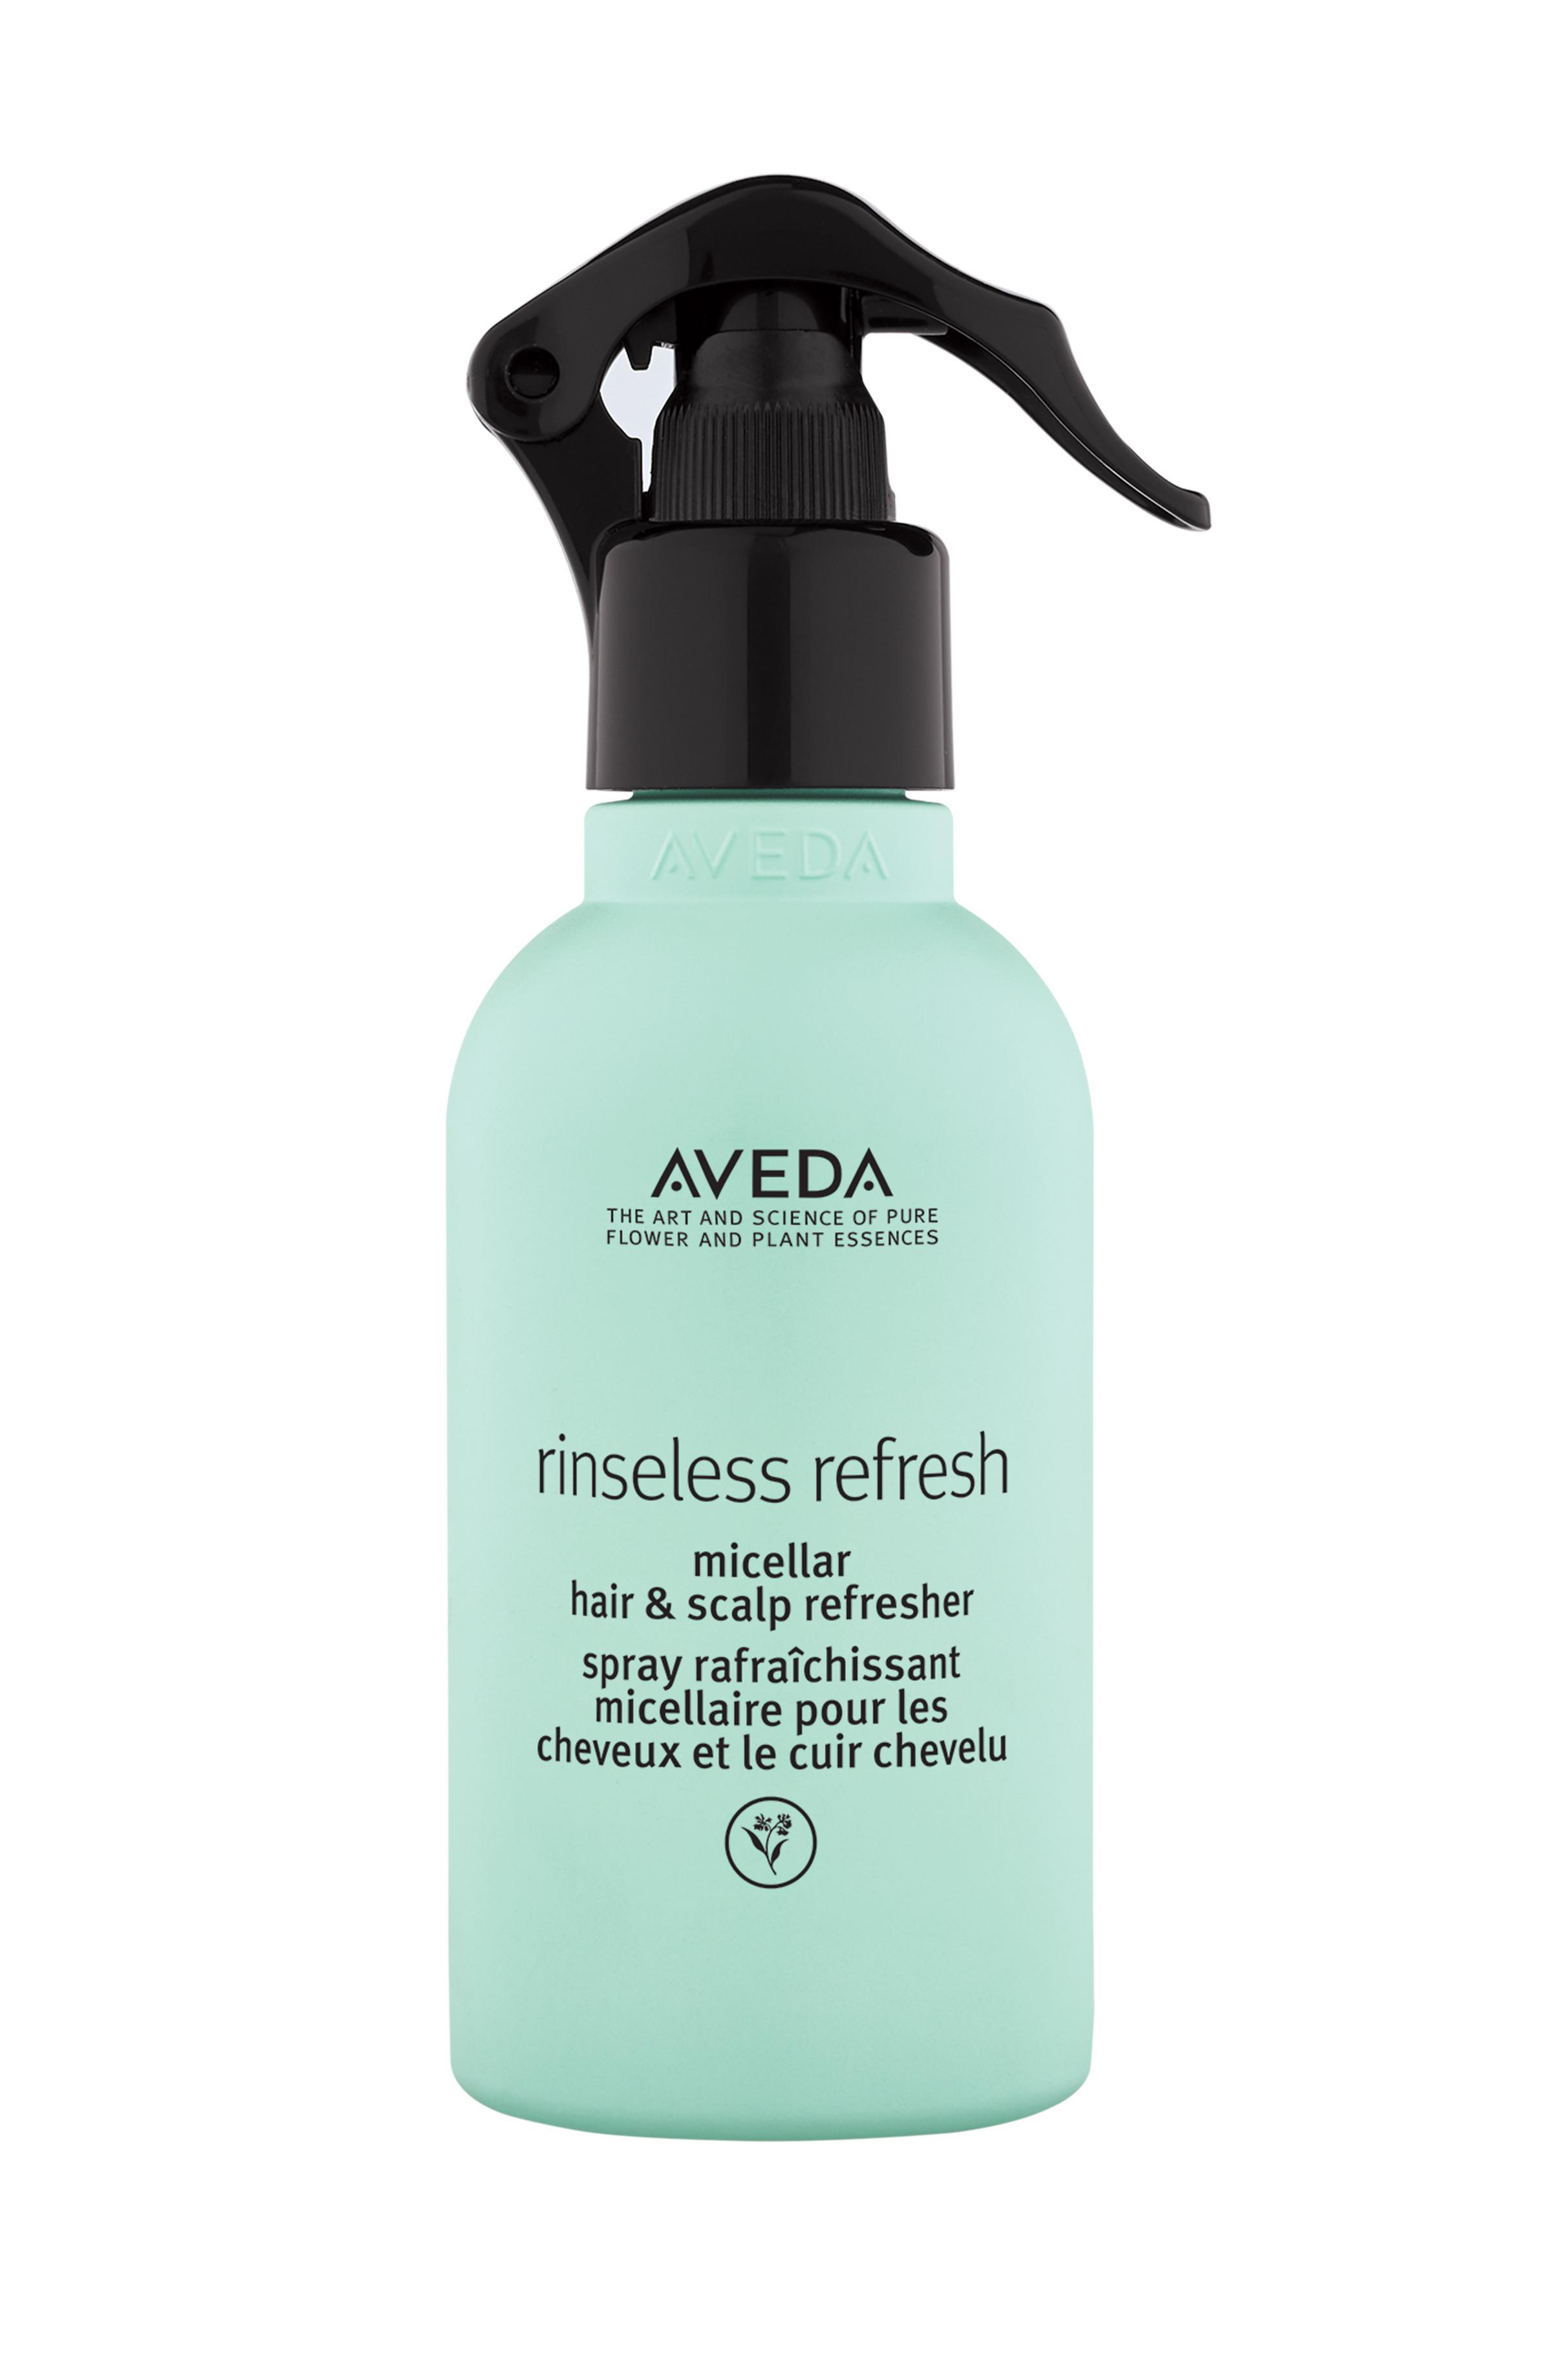 Aveda detergente micellare capelli e cuoio capelluto senza risciacquo  200 ml, Azzurro, large image number 0